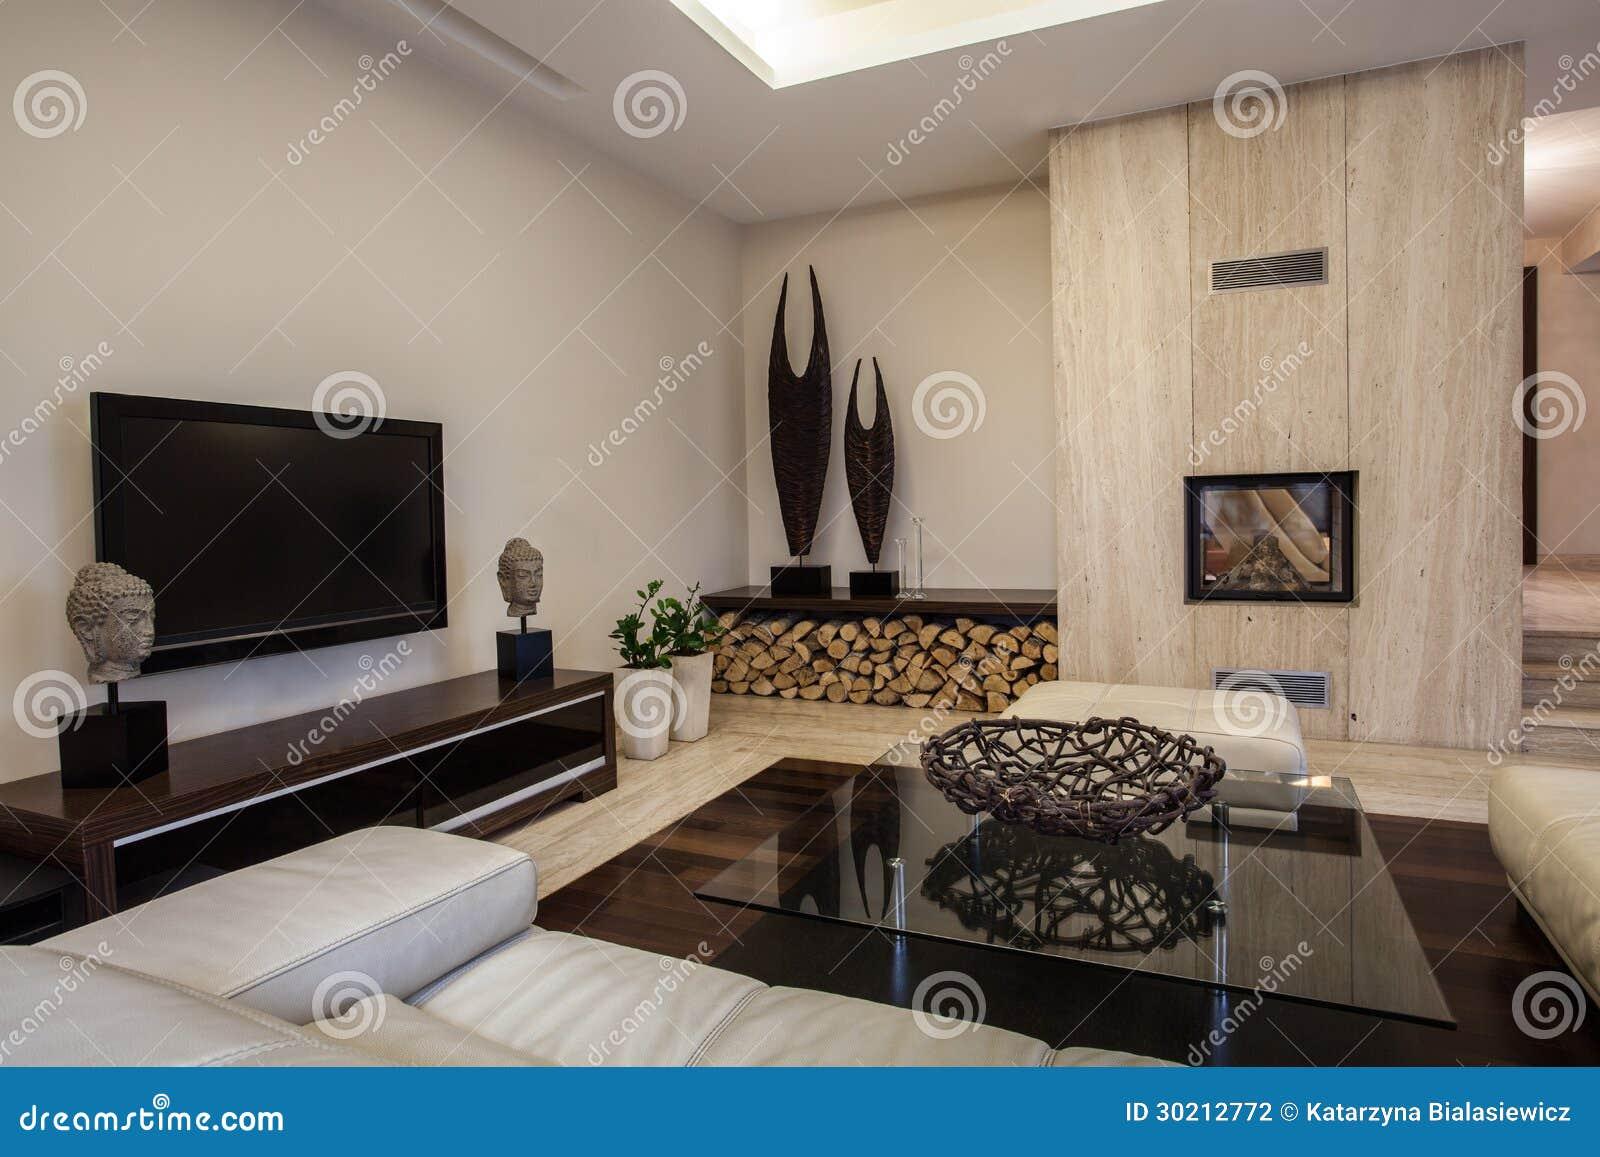 Design woonkamer decoratie: decoratie woonkamer landelijk ...